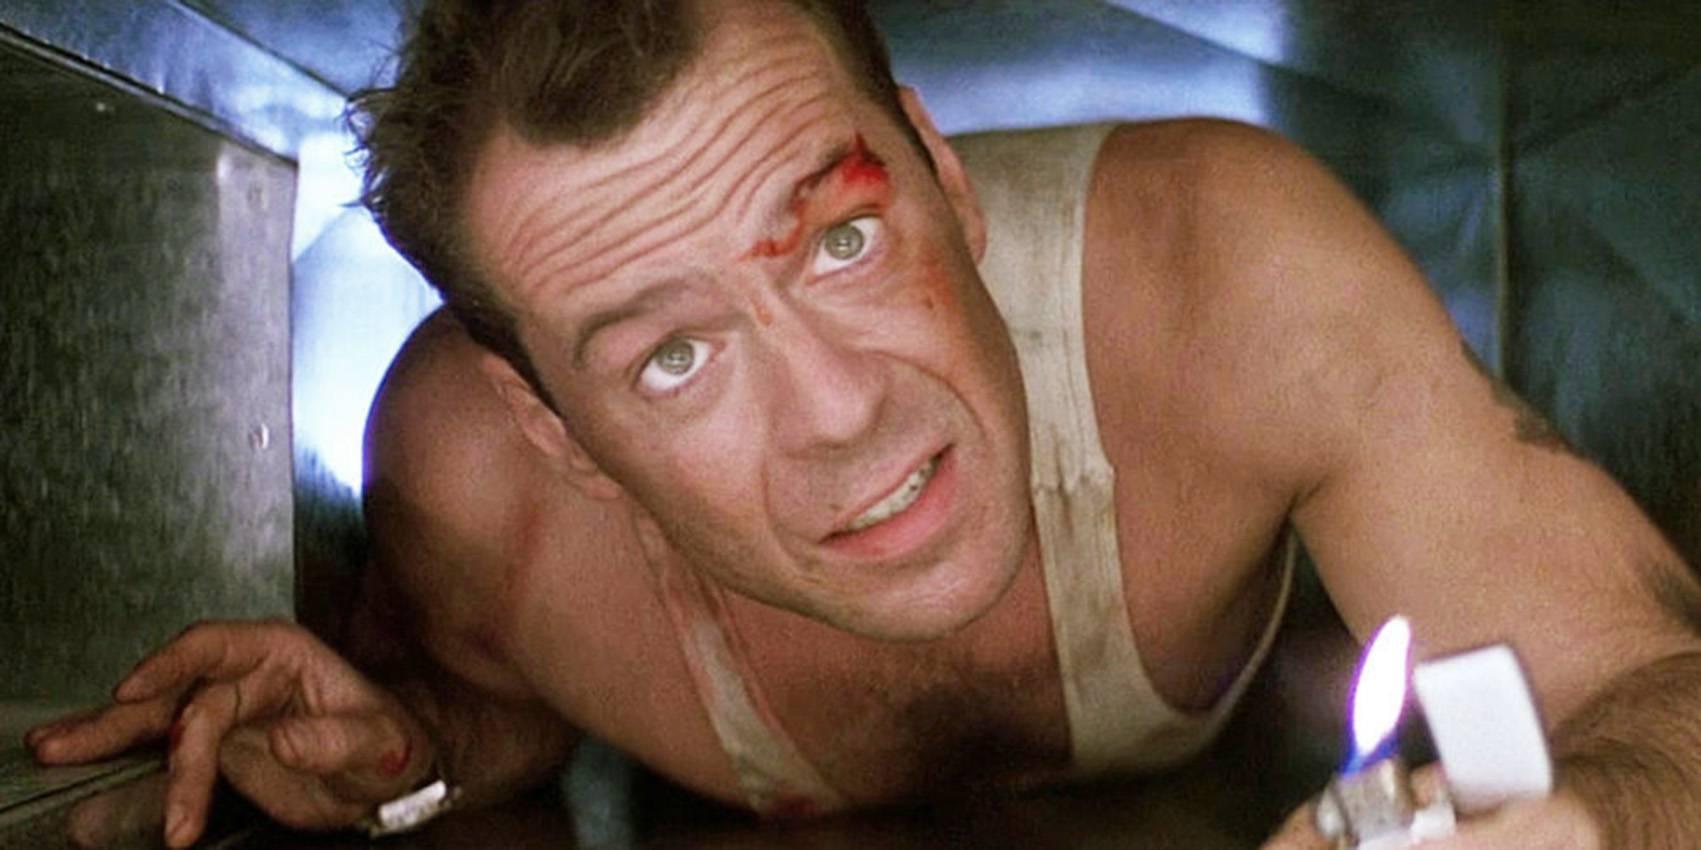 Dok je živ, glumac Bruce Willis će nastaviti umirati muški...